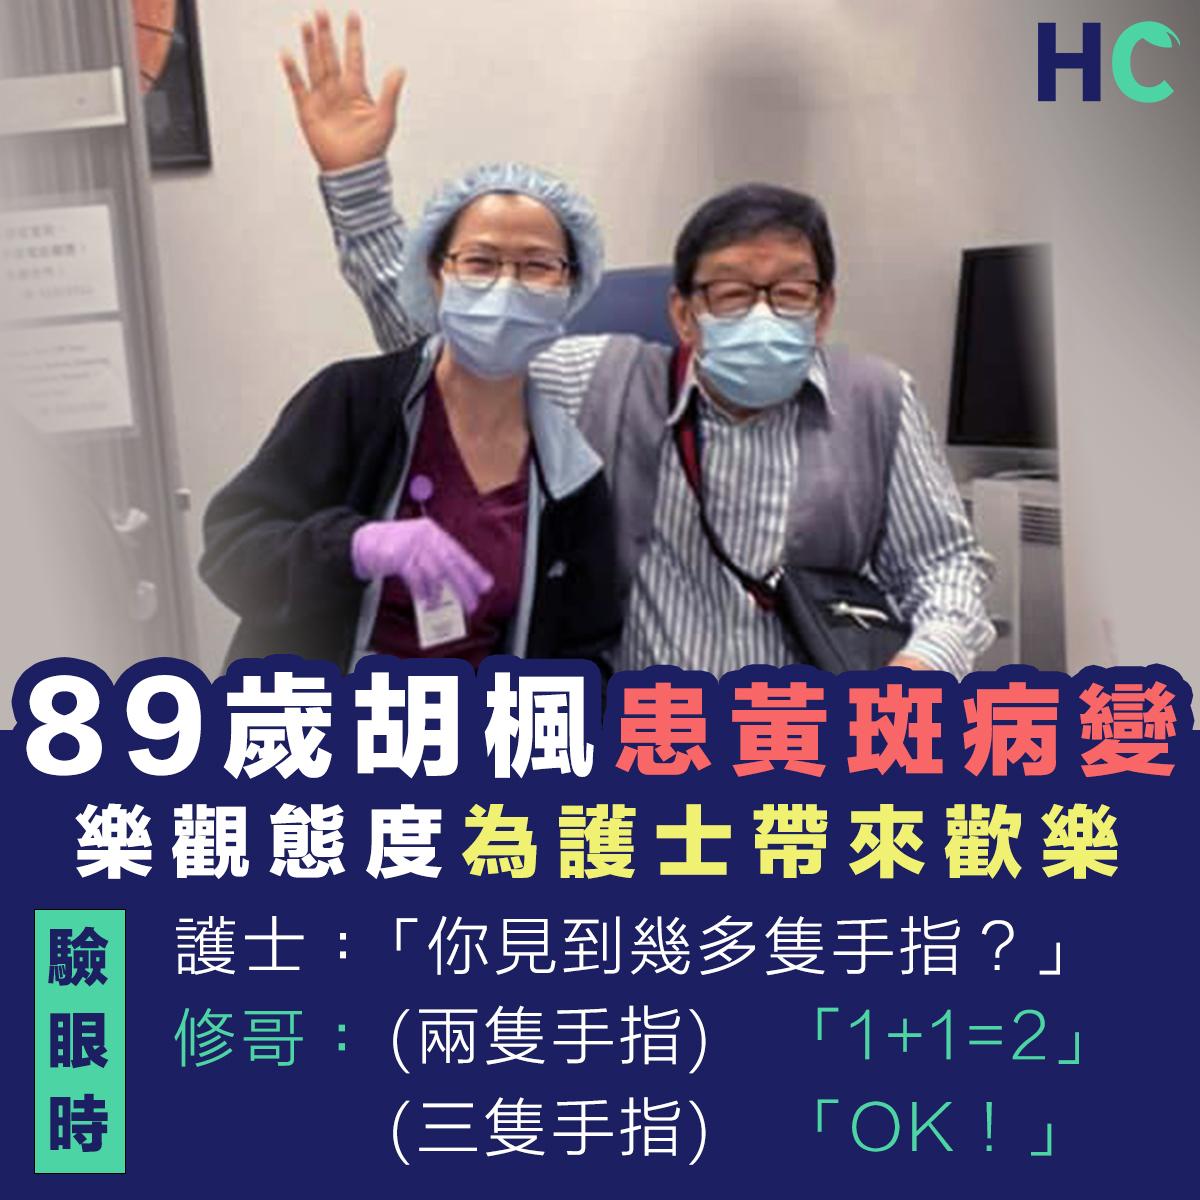 89歲胡楓患黃斑病變  樂觀態度為護士帶來歡樂